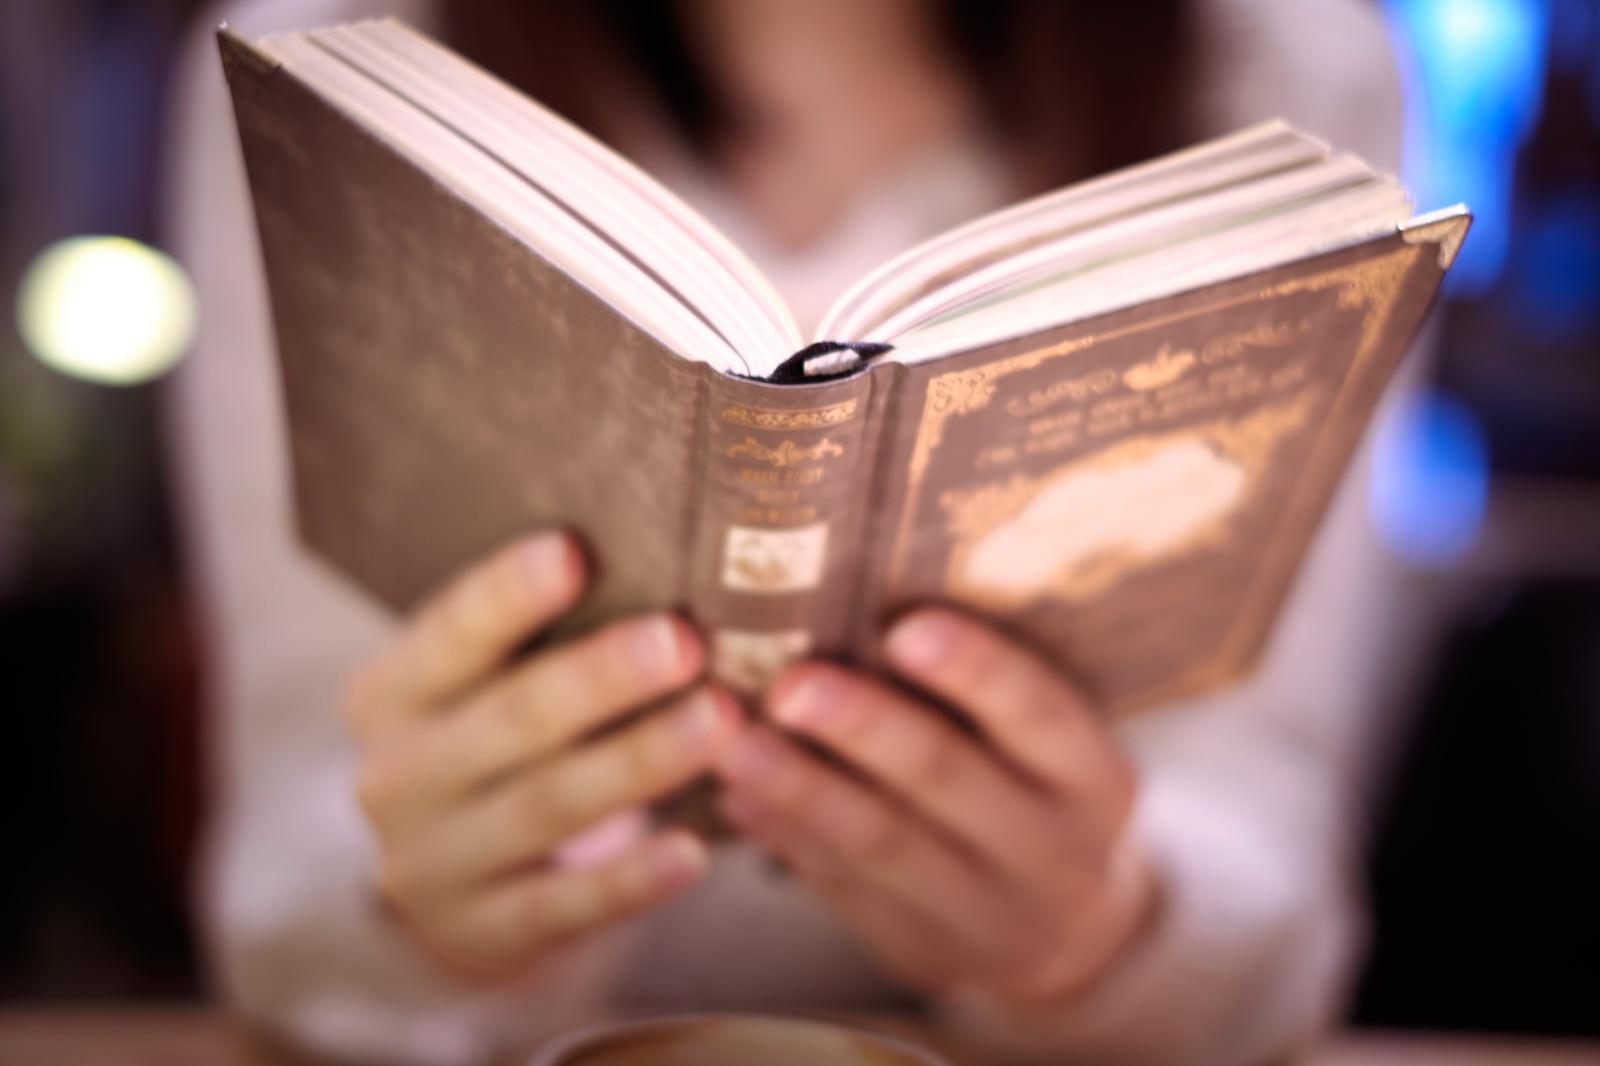 「洋書を持つ女性洋書を持つ女性」のフリー写真素材を拡大